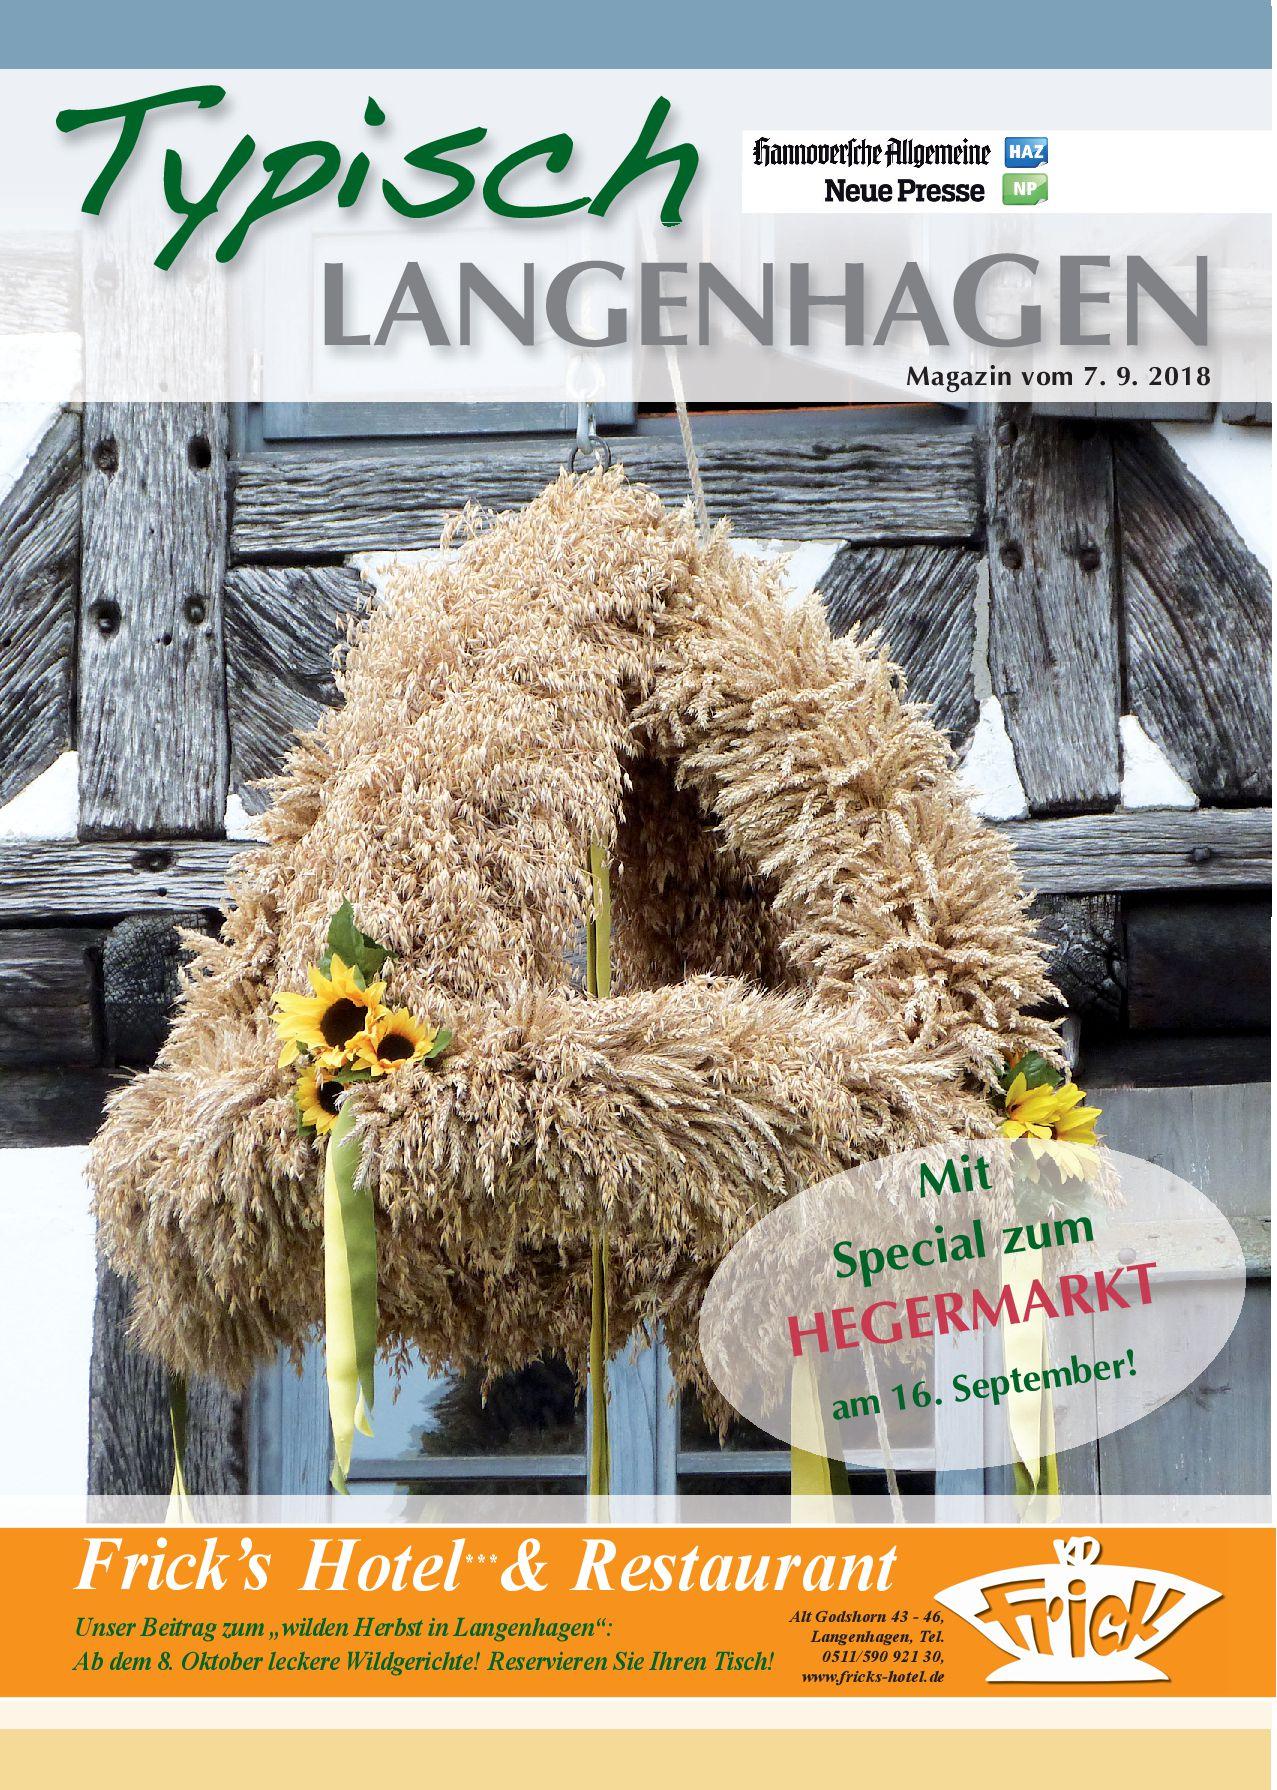 langenhagen-vom-07-09-2018